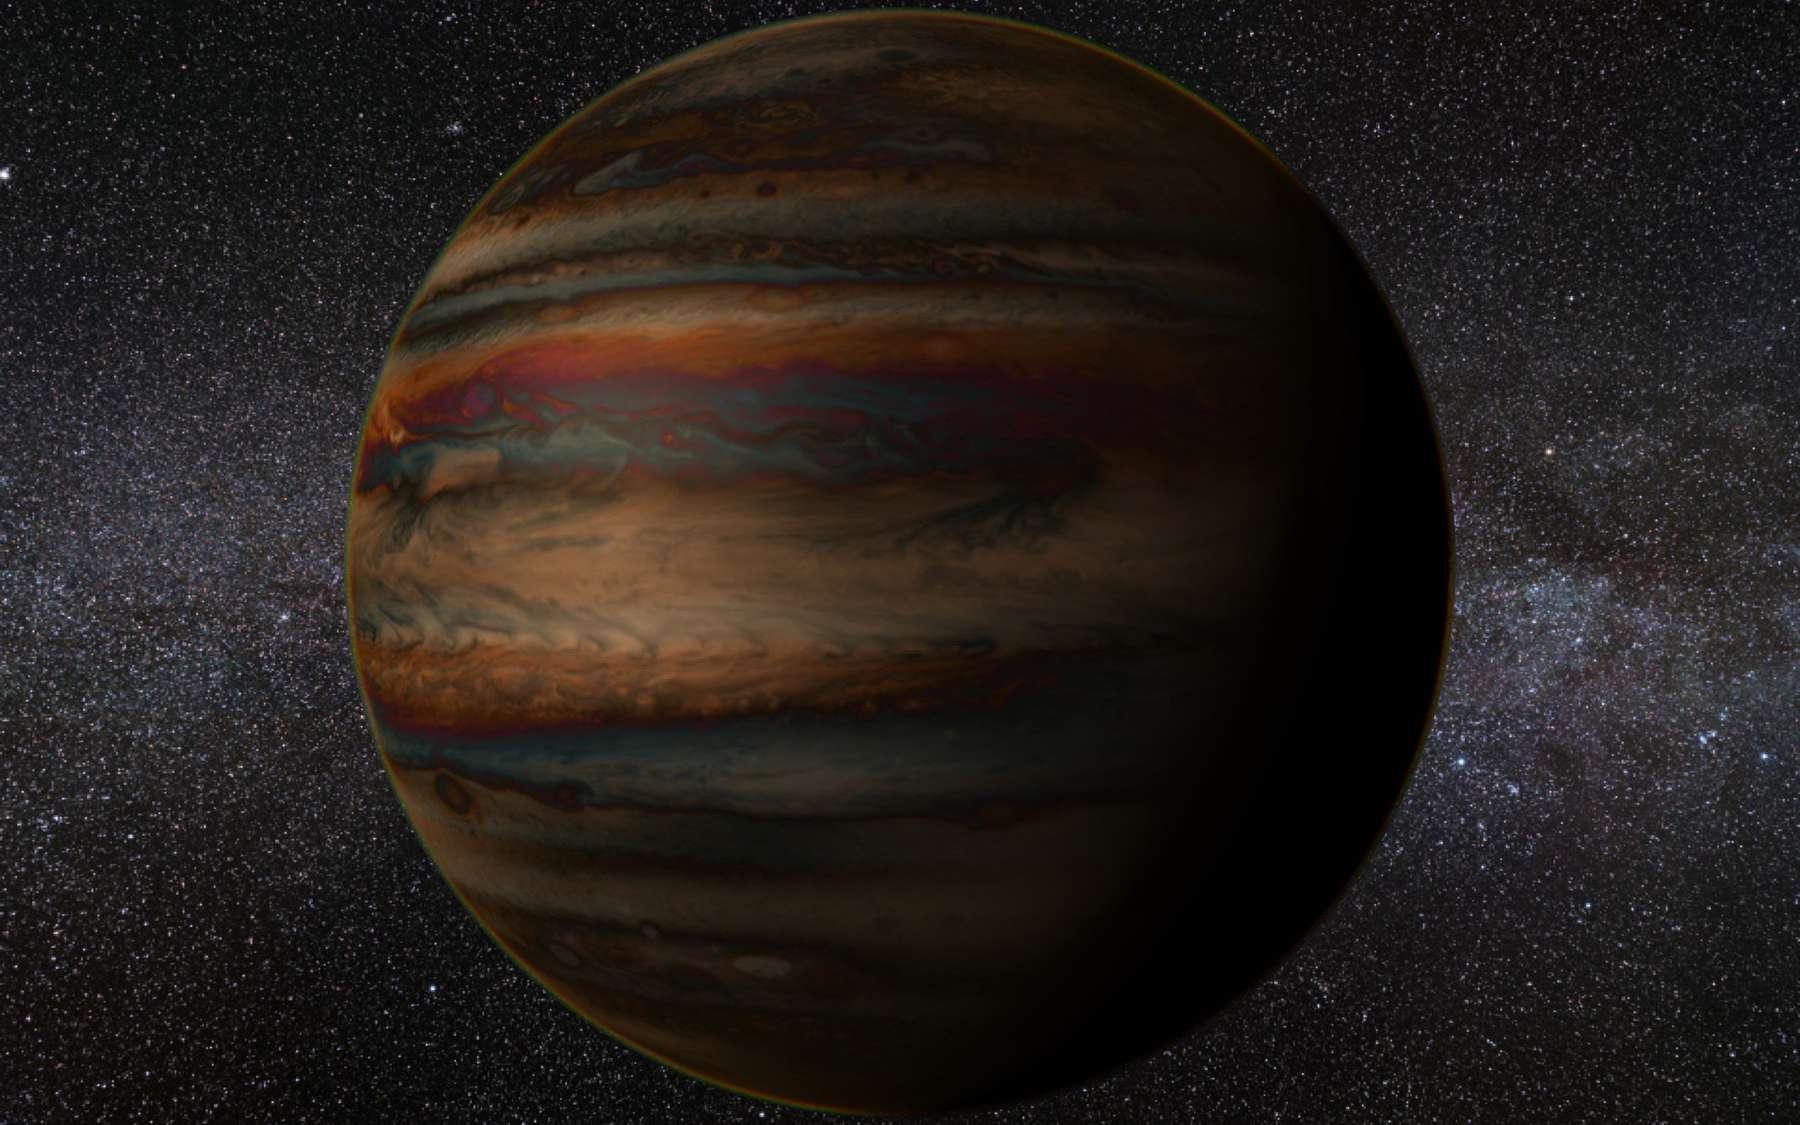 Vue d'artiste d'un Jupiter chaud. Si les premières exoplanètes découvertes étaient des géantes gazeuses plusieurs fois plus massives que Jupiter, aujourd'hui, la détection de planètes telluriques se densifie. © Scientific Exoplanet Renderer